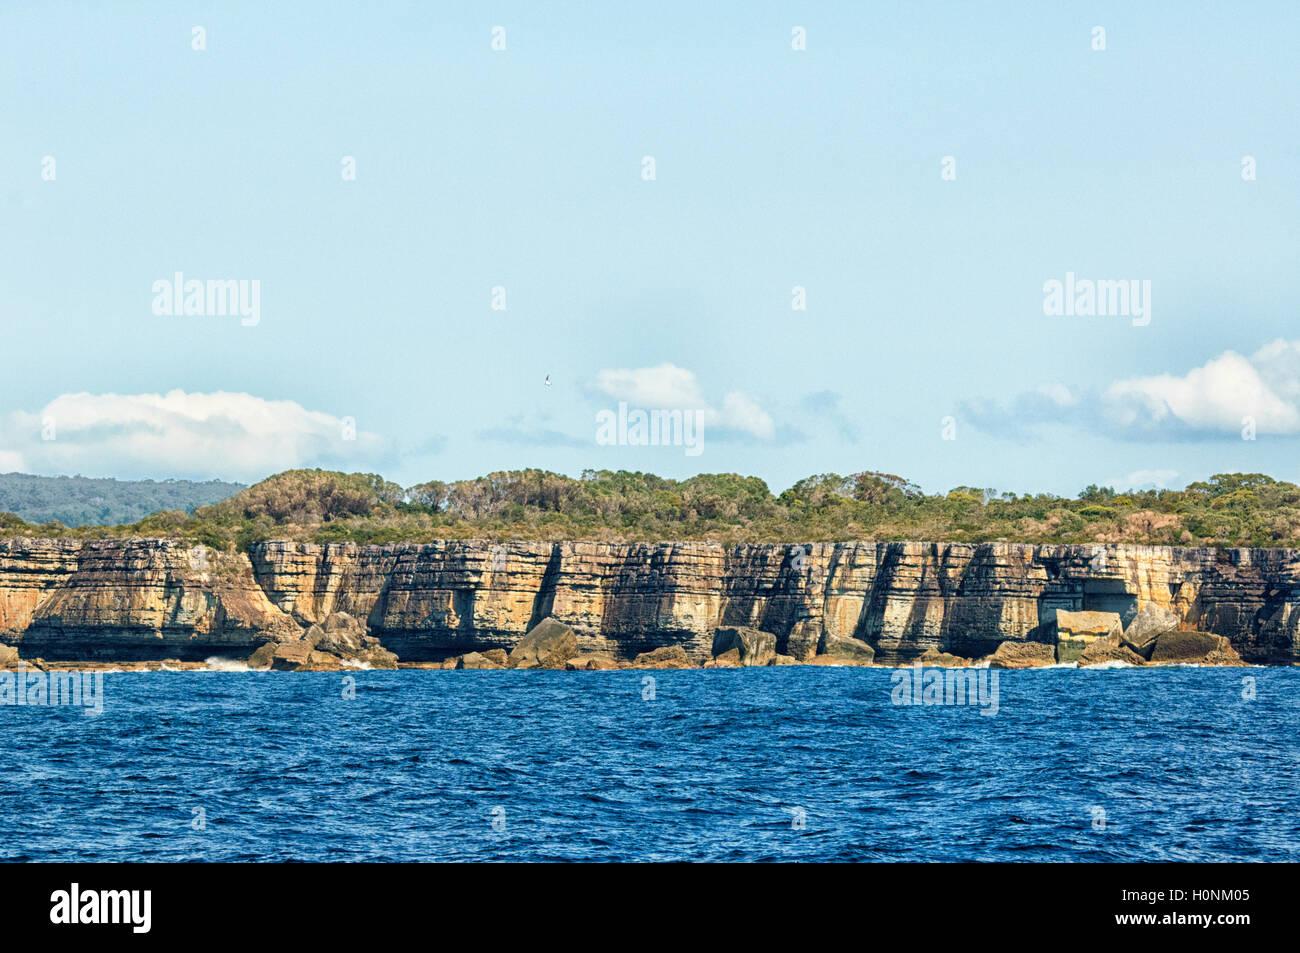 Vista panoramica di scogliere a Jervis Bay, Nuovo Galles del Sud, NSW, Australia Immagini Stock